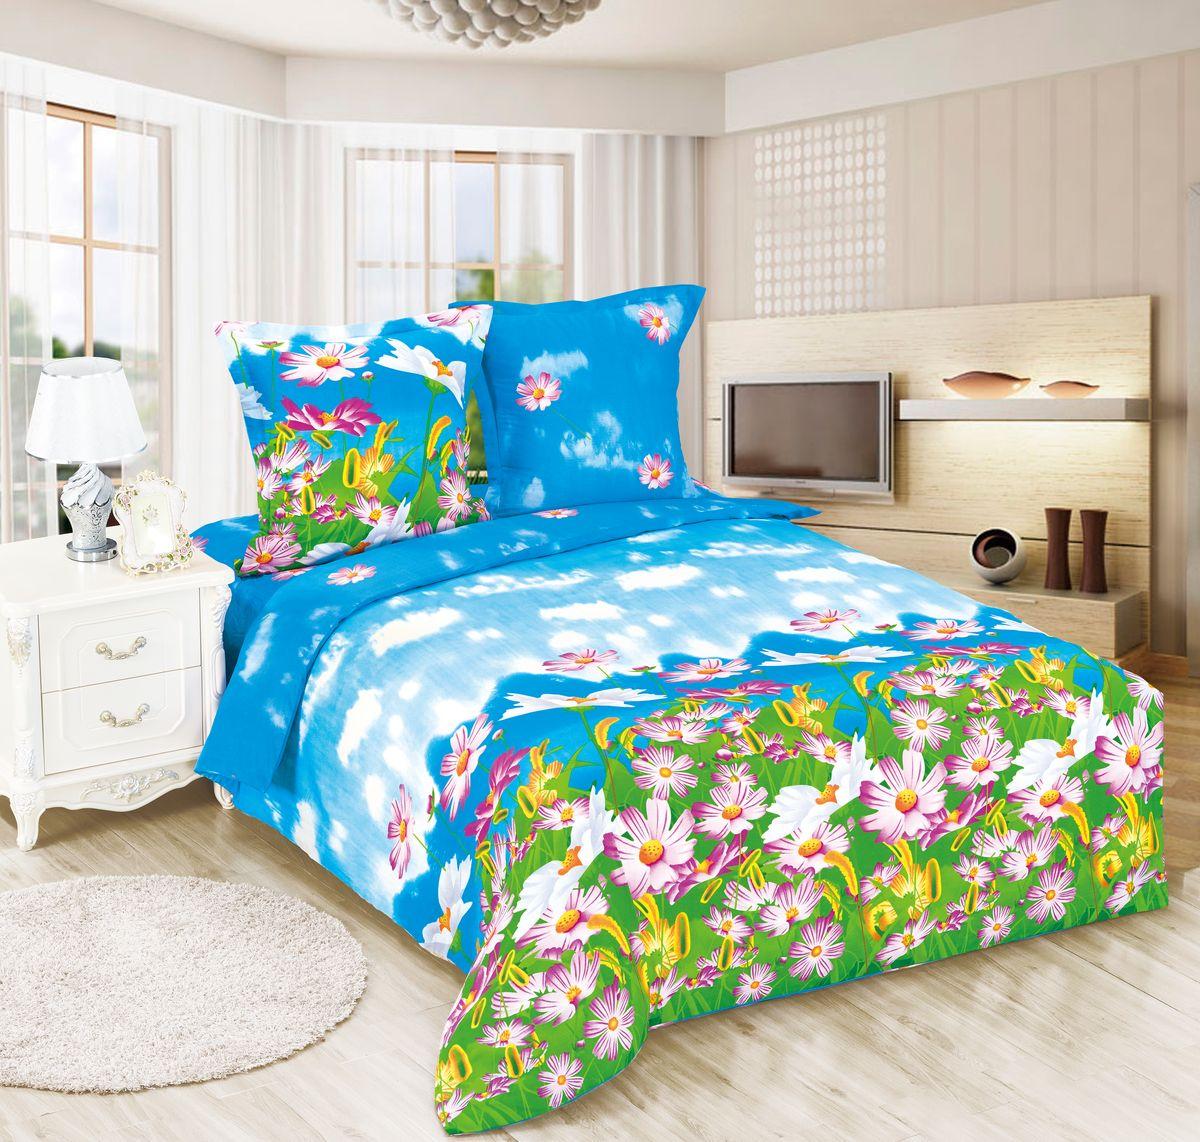 Комплект белья Amore Mio ET Radost, 1,5-спальное. 7006070060Amore Mio – Комфорт и Уют - Каждый день! Amore Mio предлагает оценить соотношению цены и качества коллекции. Разнообразие ярких и современных дизайнов прослужат не один год и всегда будут радовать Вас и Ваших близких сочностью красок и красивым рисунком. Белье Amore Mio – лучший подарок любимым! Поплин – европейский аналог бязи. Это ткань самого простого полотняного плетения с чуть заметным рубчиком, который появляется из-за использования нитей разной толщины. Состоит из 100% натурального хлопка, поэтому хорошо удерживает тепло, впитывает влагу и позволяет телу дышать. На ощупь поплин мягче бязи, но грубее сатина. Благодаря использованию современных методов окраски, не линяет и его можно стирать при температуре до 40°C. Пододеяльник-150*215, Простыня-150*220, наволочки-70*70(1шт)